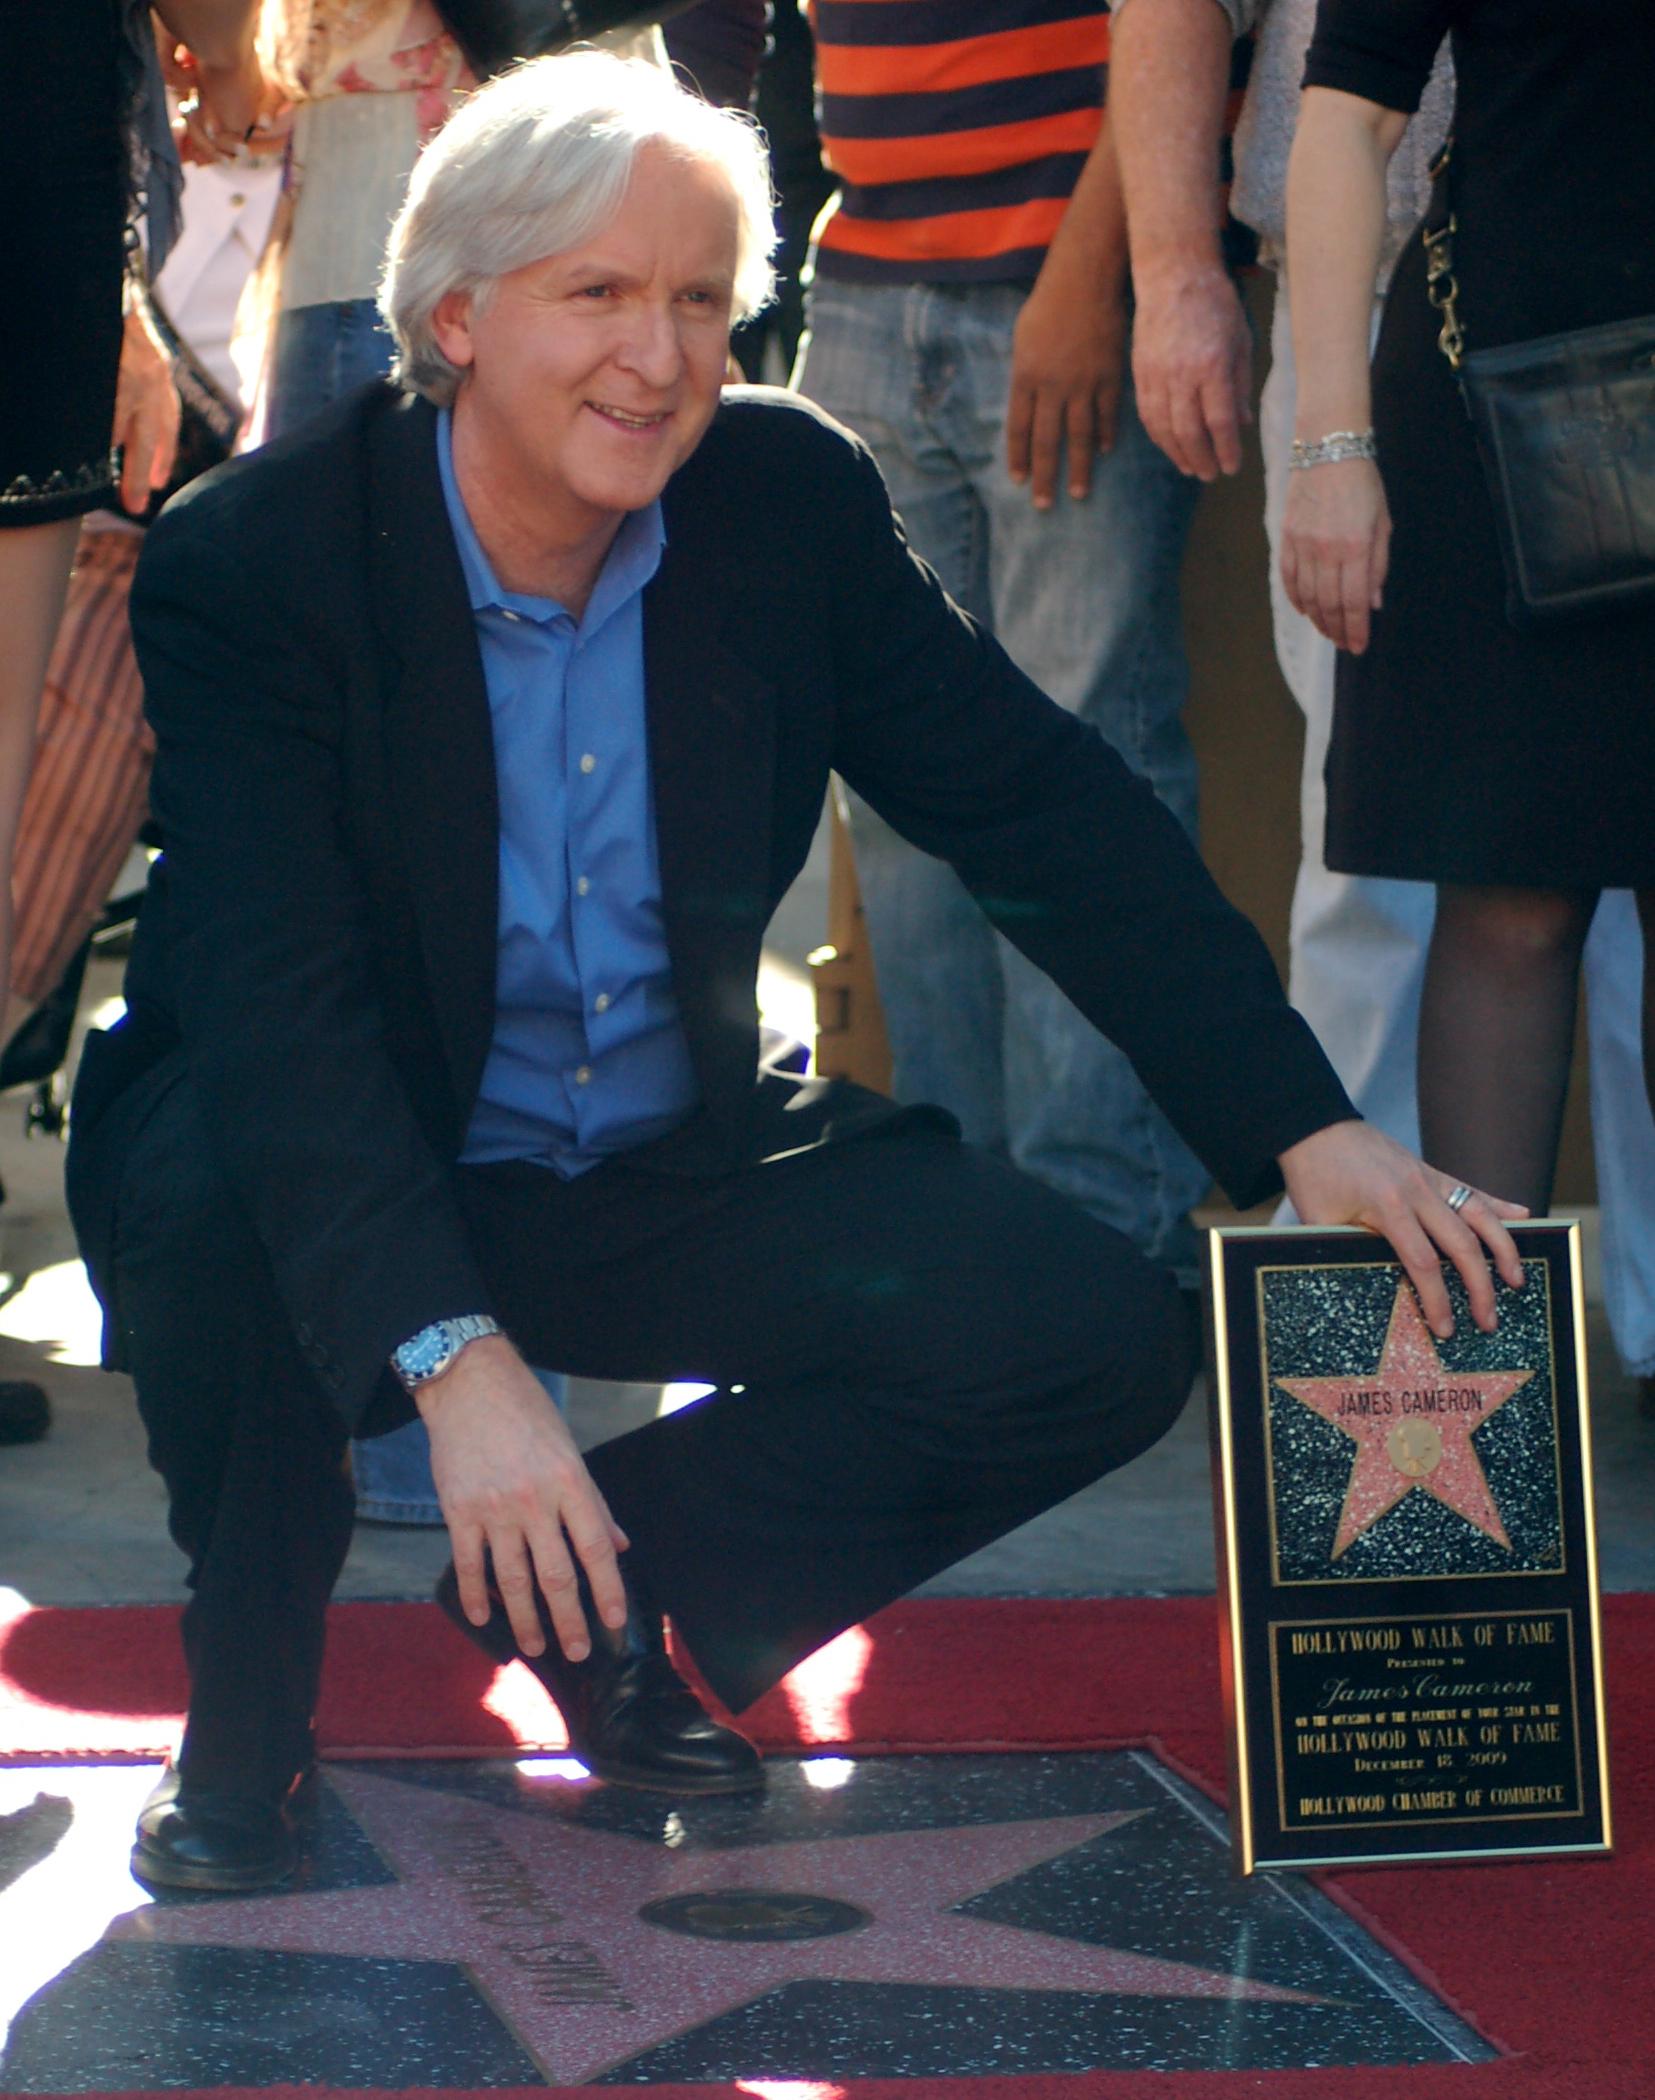 Director James Cameron reveals Ndjemth in 2009